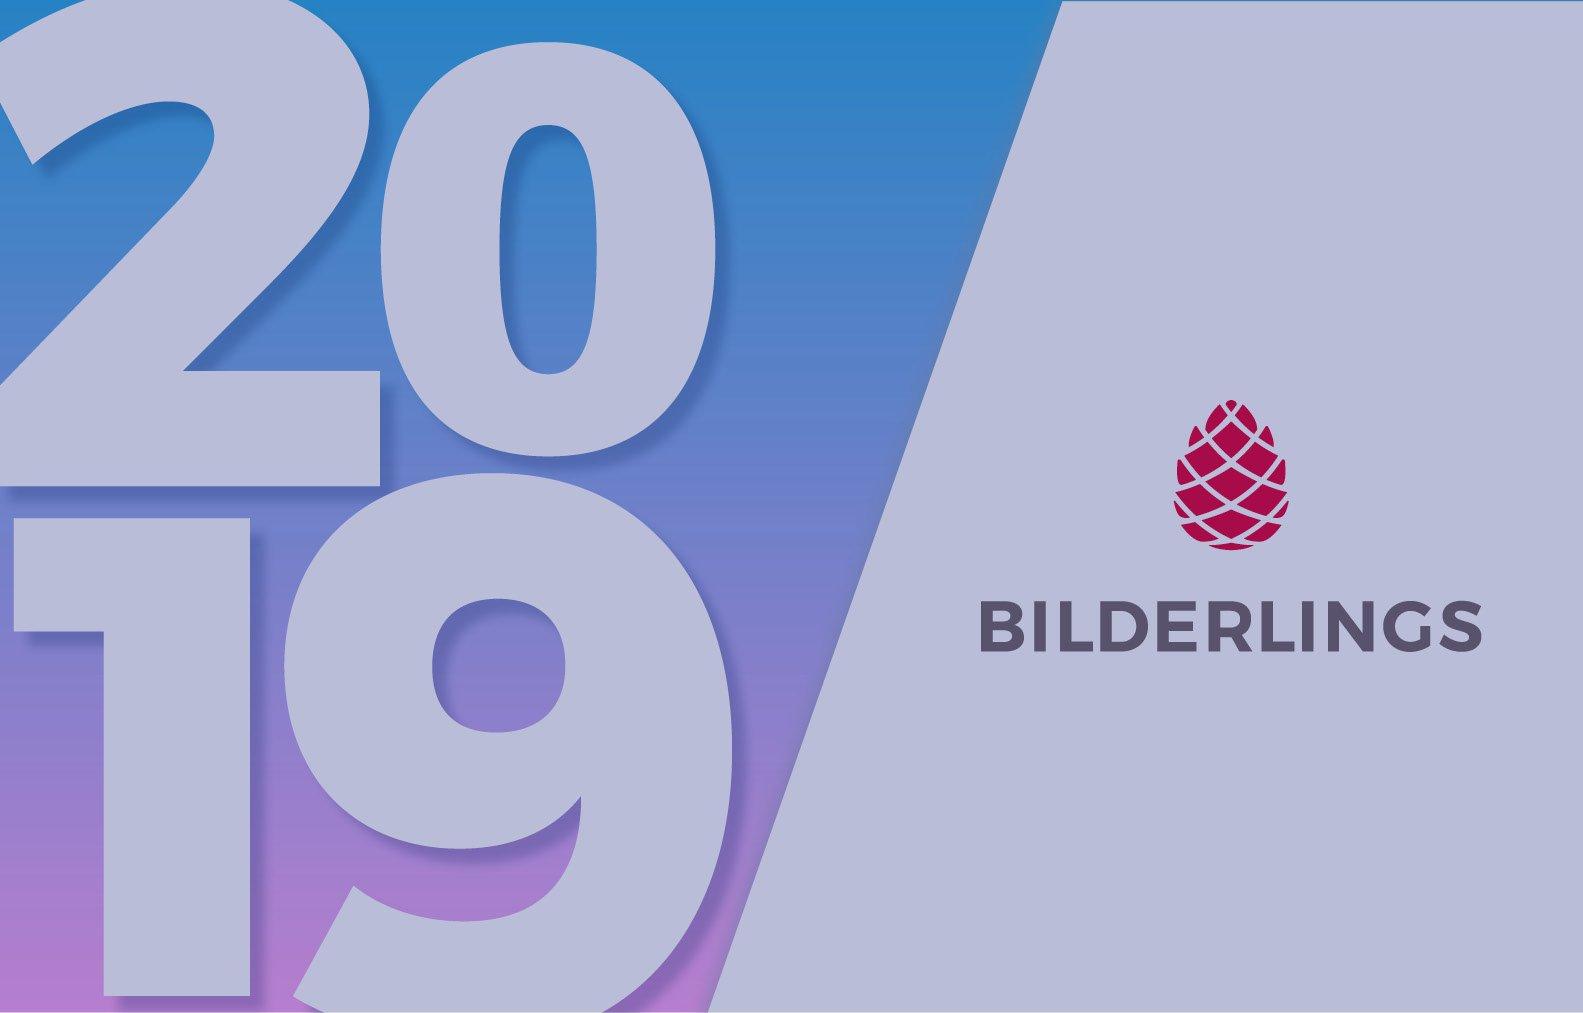 2019 год вместе с Bilderlings: настоящее и будущее